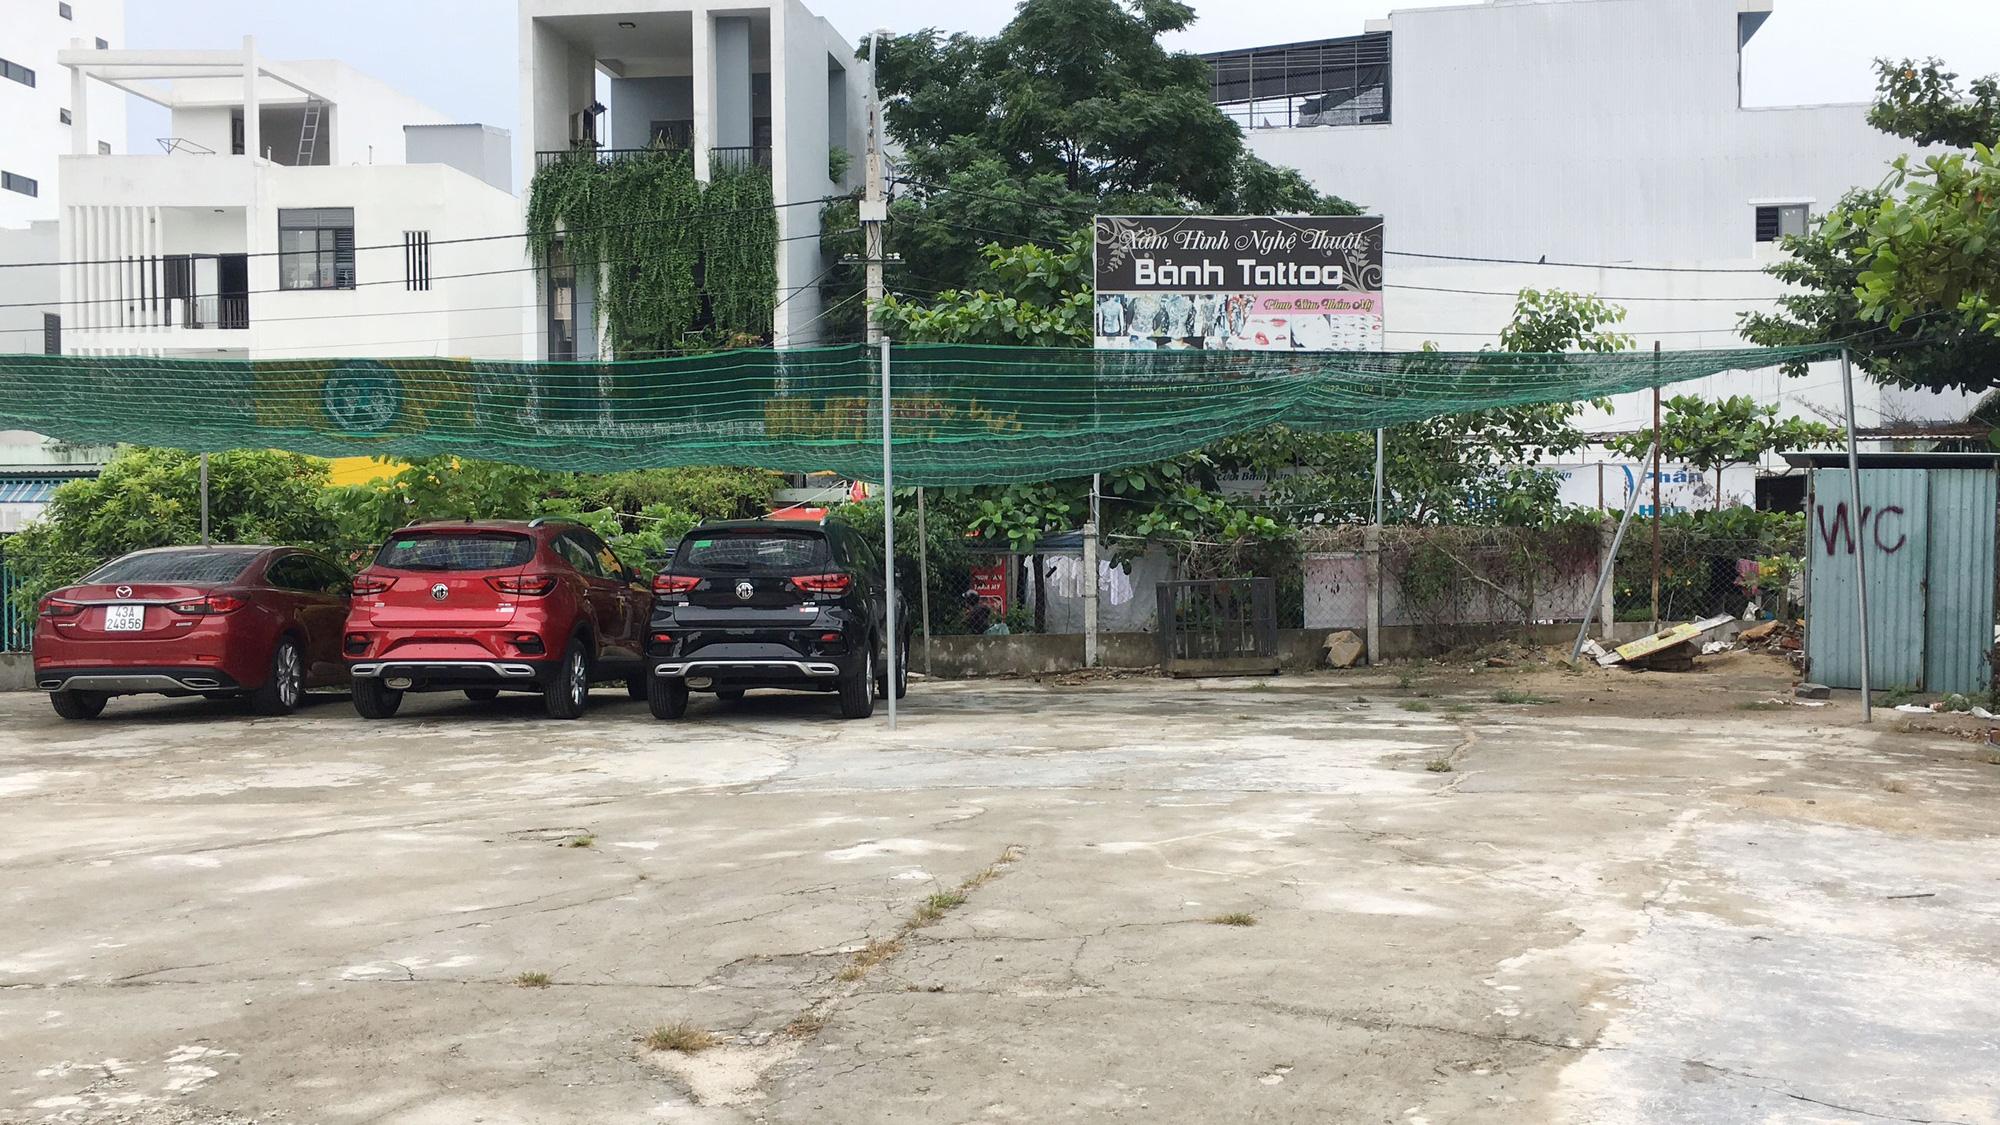 Cận cảnh hai khu đất sát Vincom Đà Nẵng sẽ đấu giá làm bãi đỗ xe - Ảnh 9.